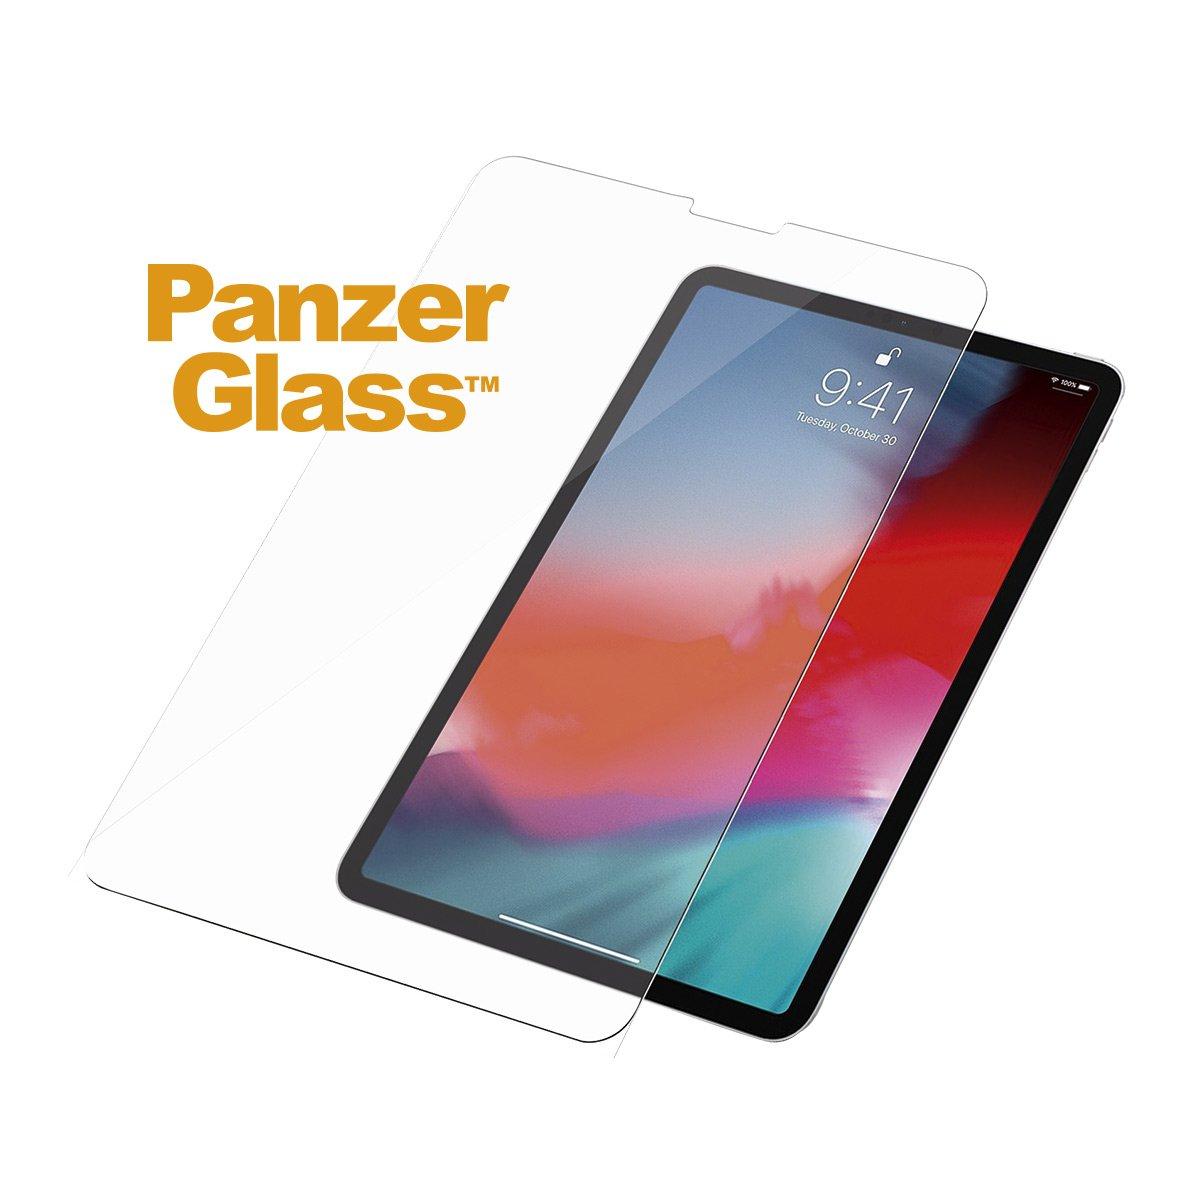 PanzerGlass iPad Pro 11 耐衝擊玻璃保貼